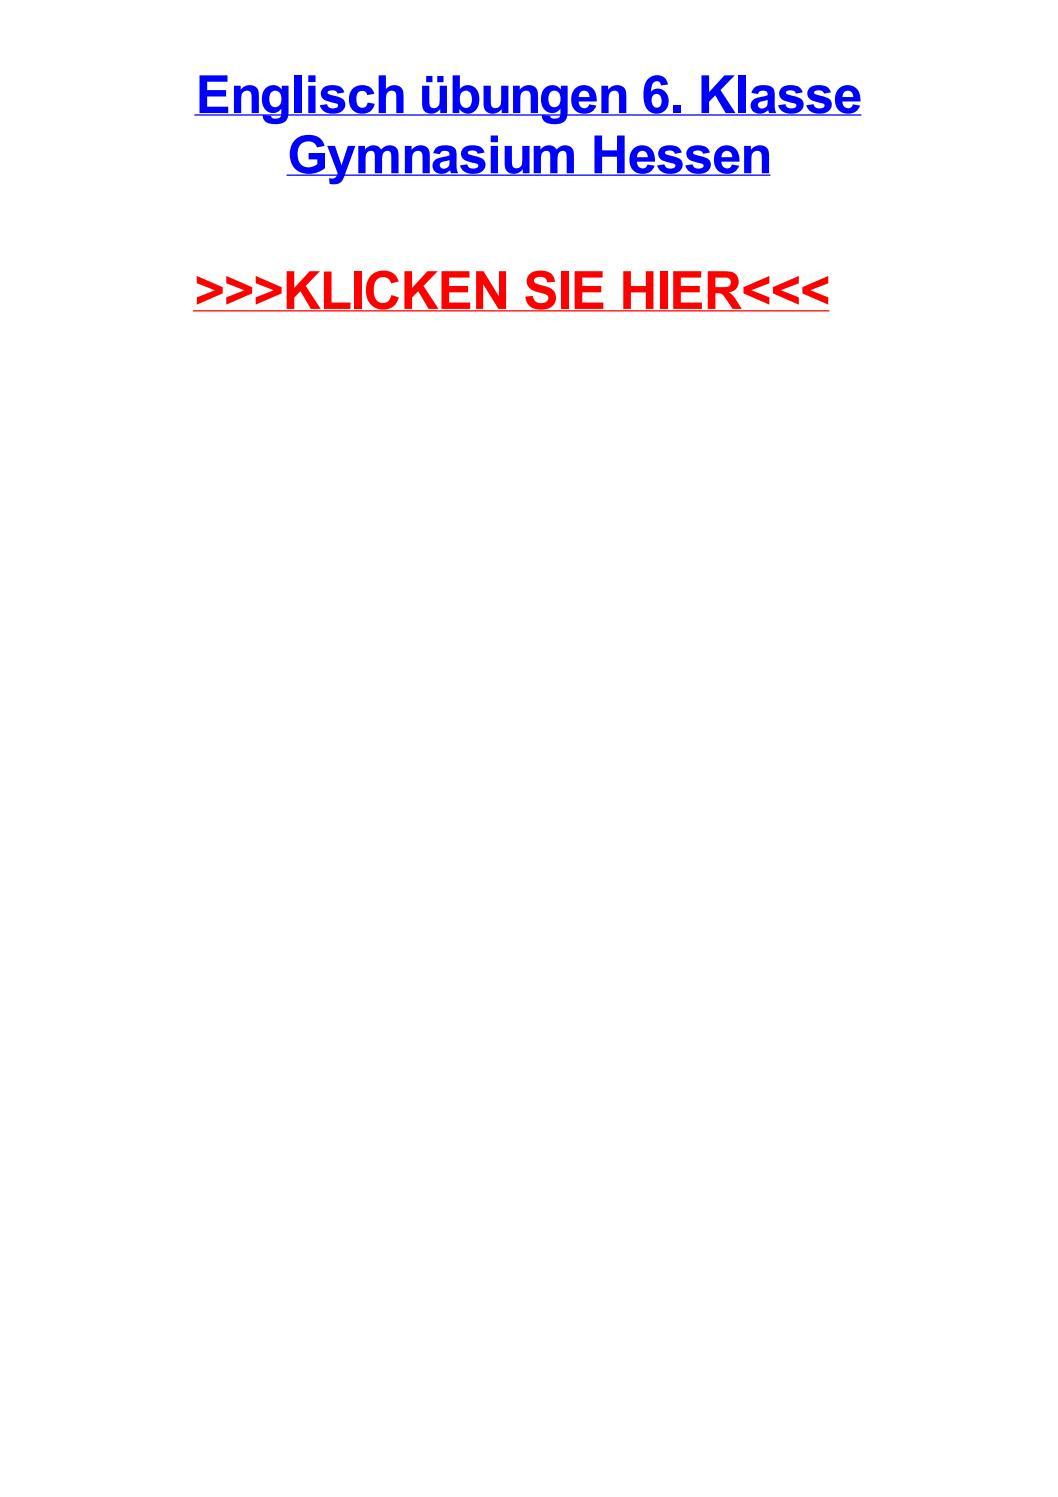 Englisch jbungen 6 klasse gymnasium hessen by treborksbt - issuu